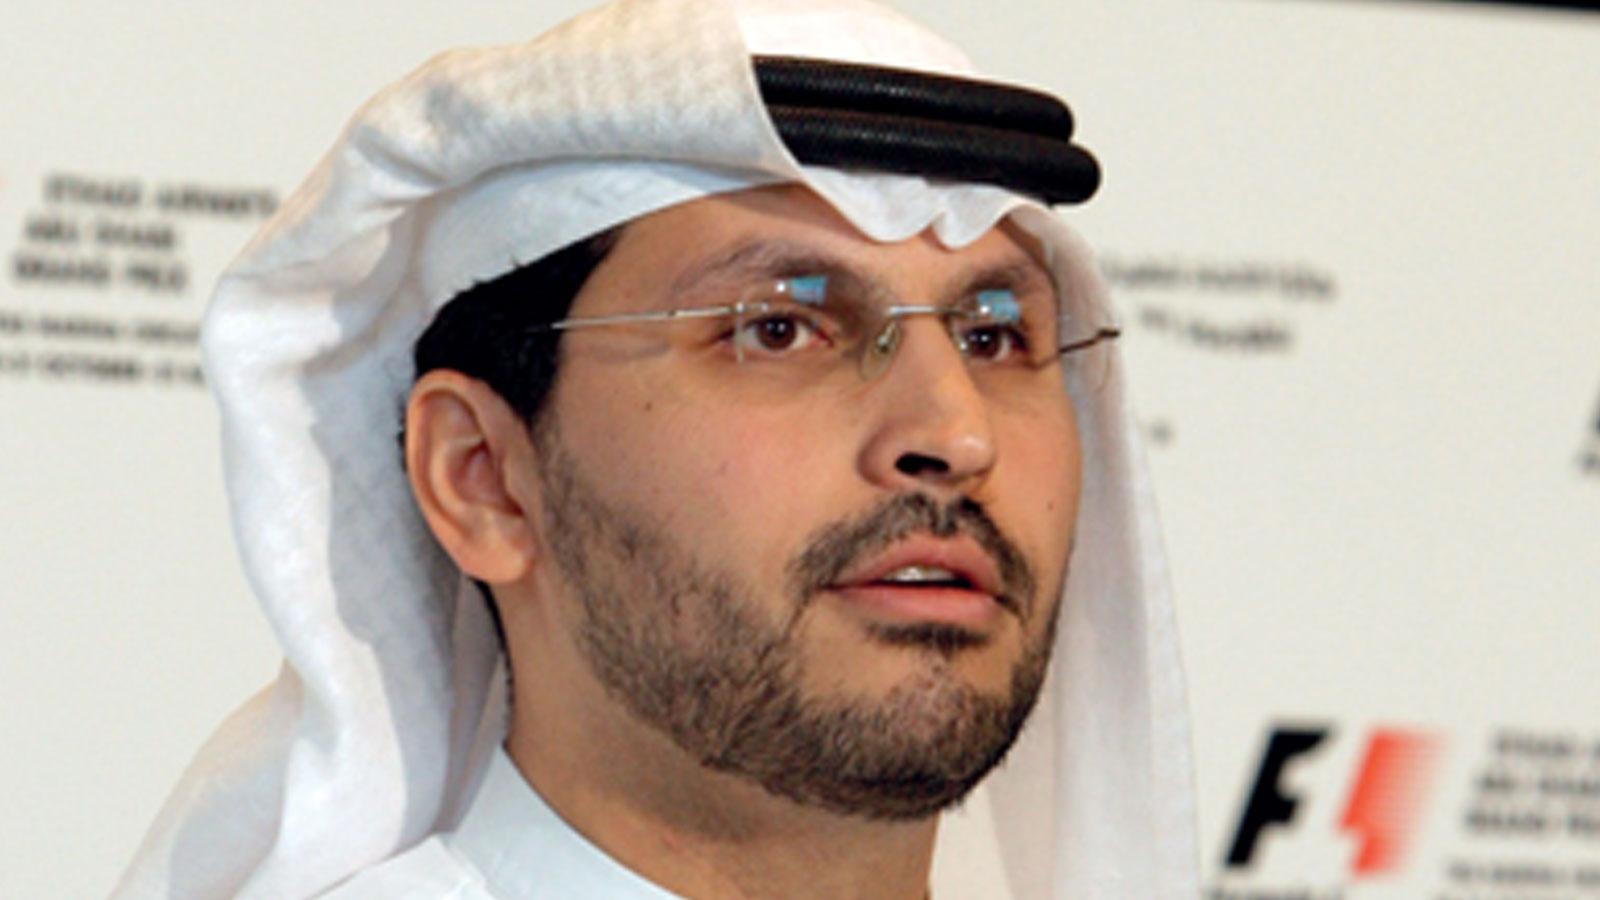 شركة مبادلة الإماراتية - الرئيس التنفيذي لمجموعة مبادلة خلدون خليفة المبارك